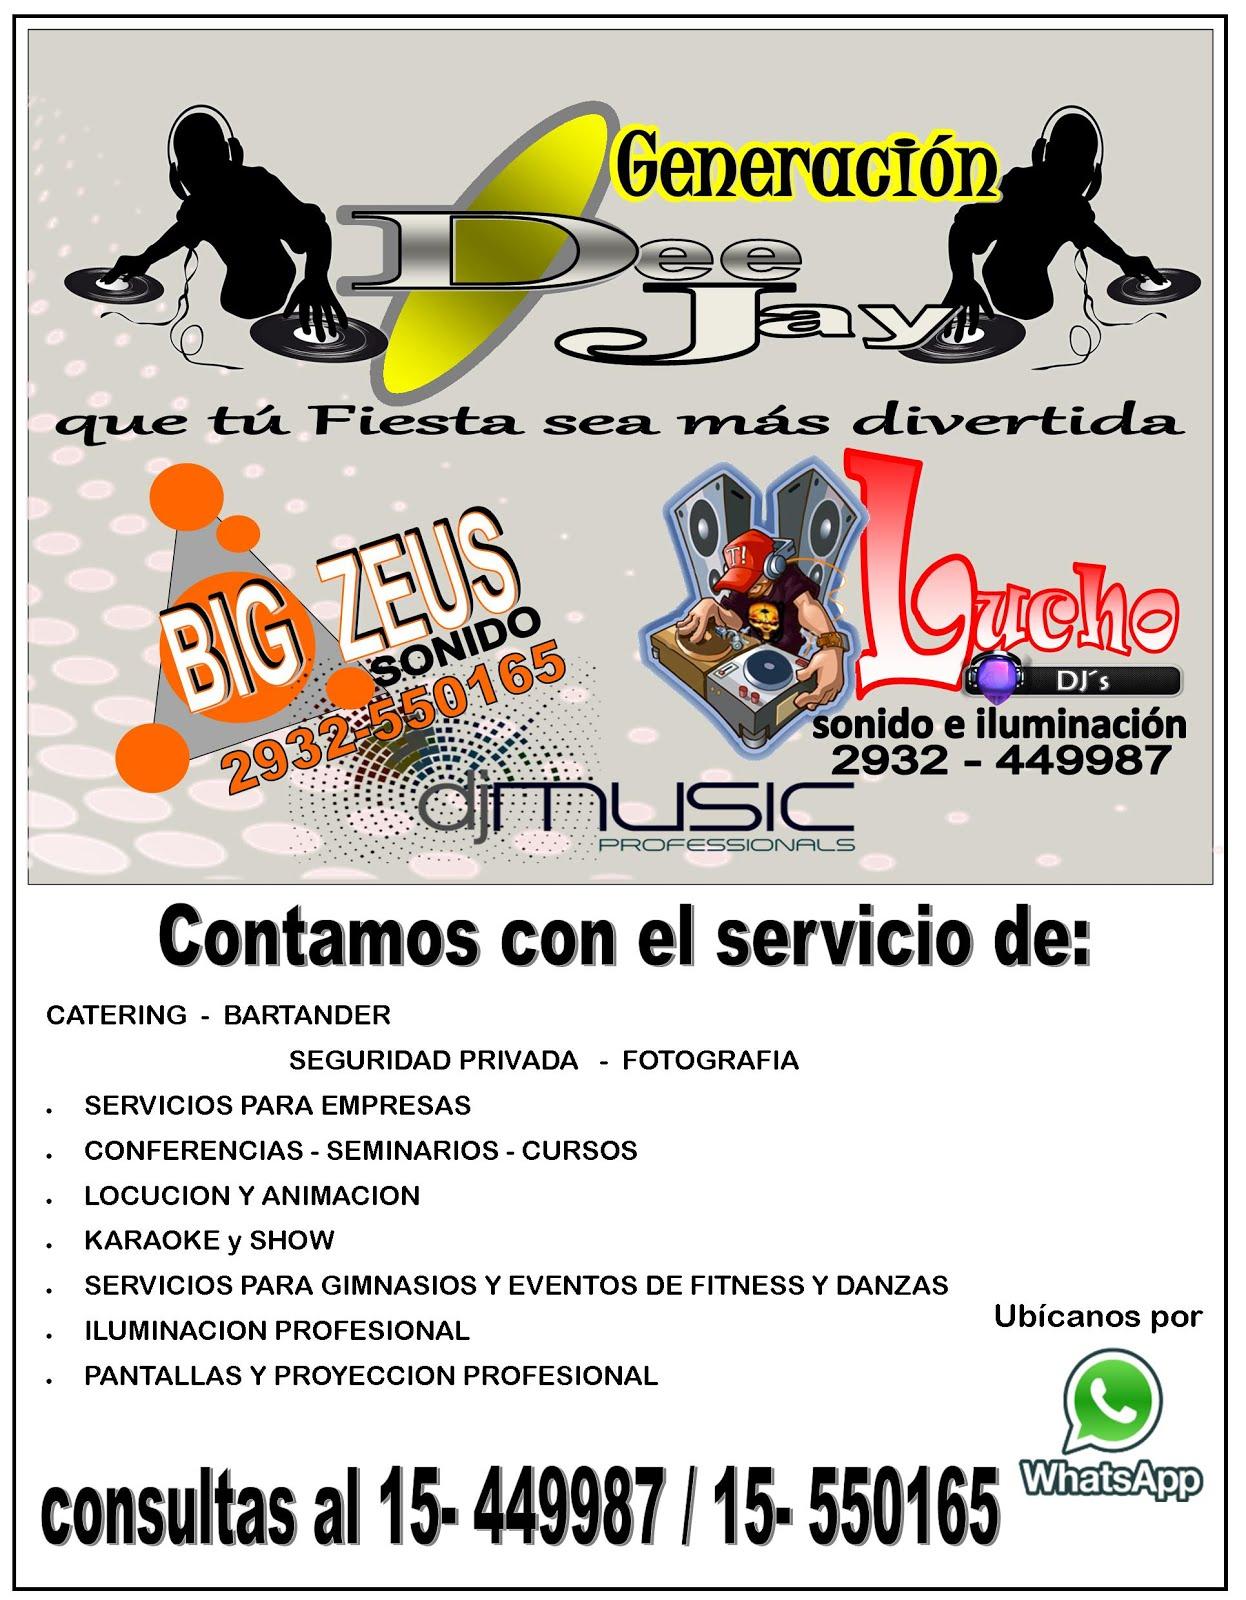 SERVICIO DE DEE JAY